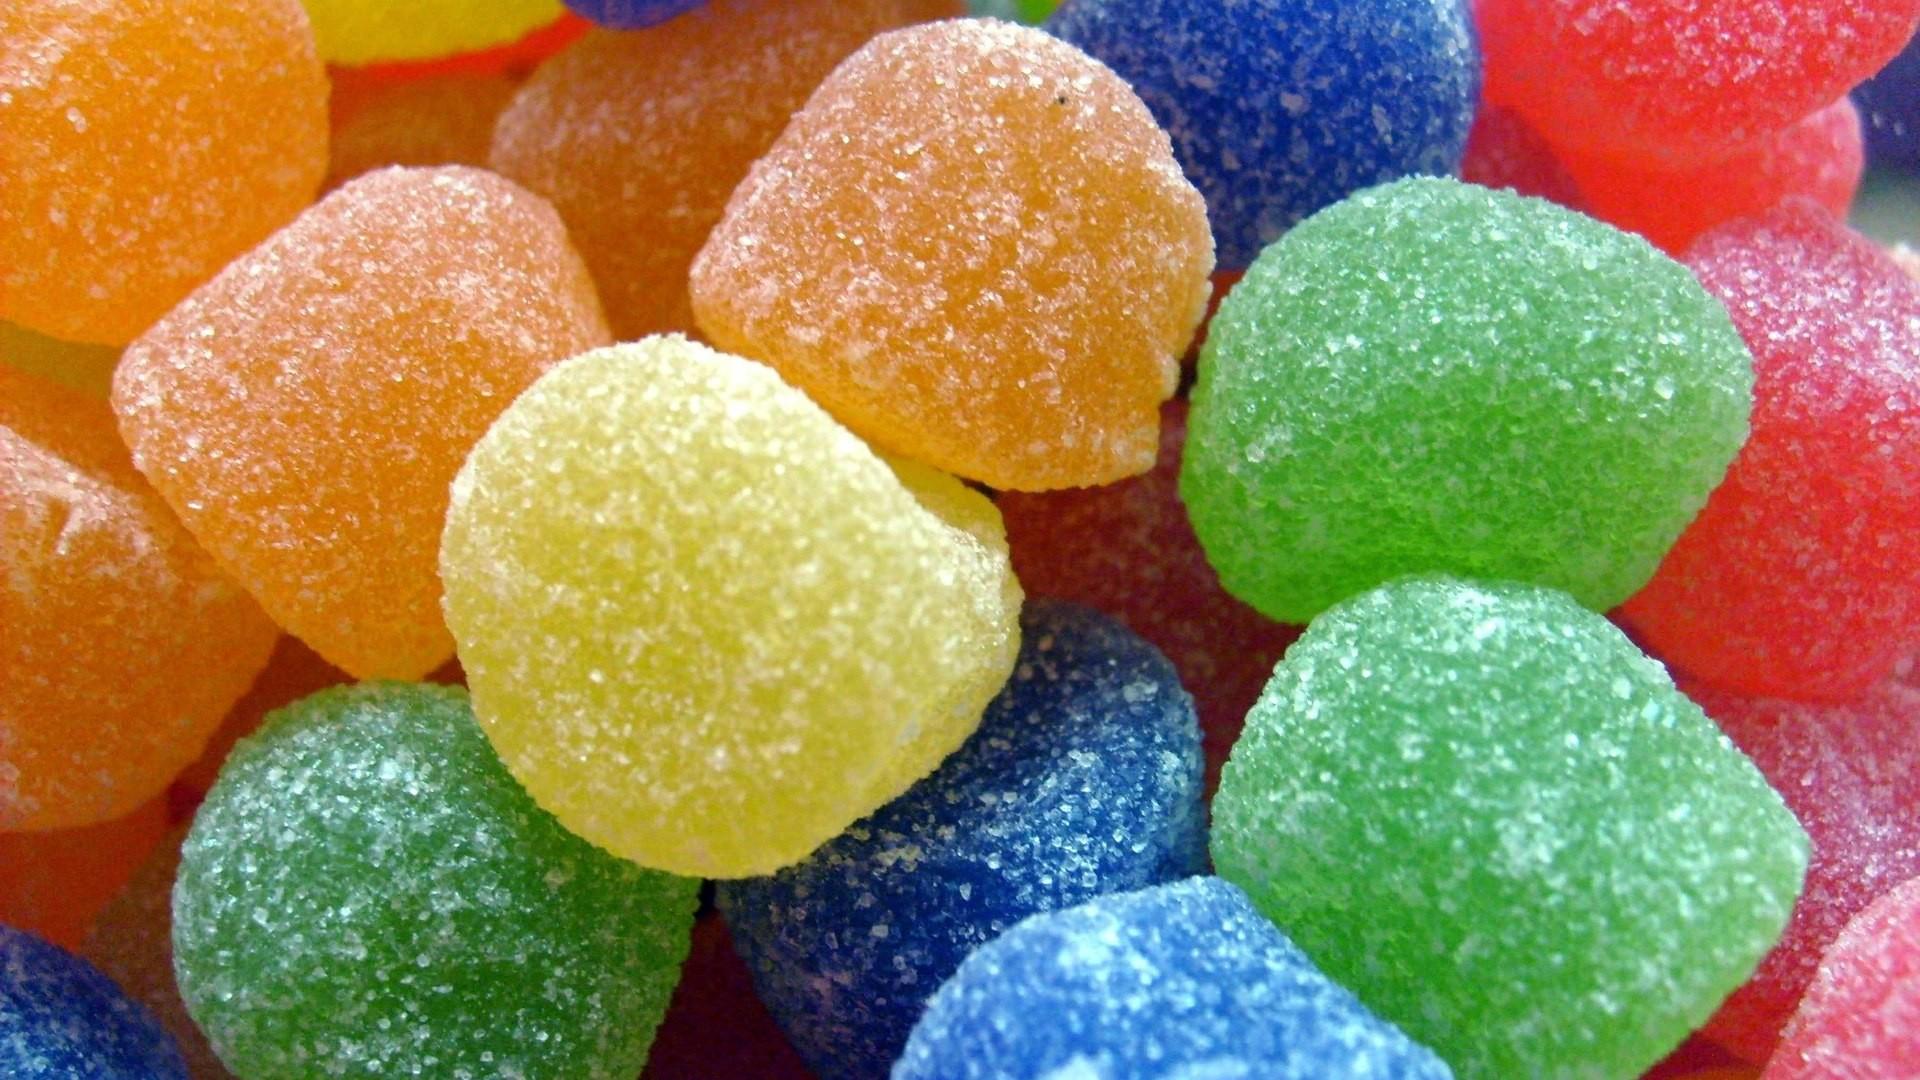 Dulces gomitas de colores - 1920x1080